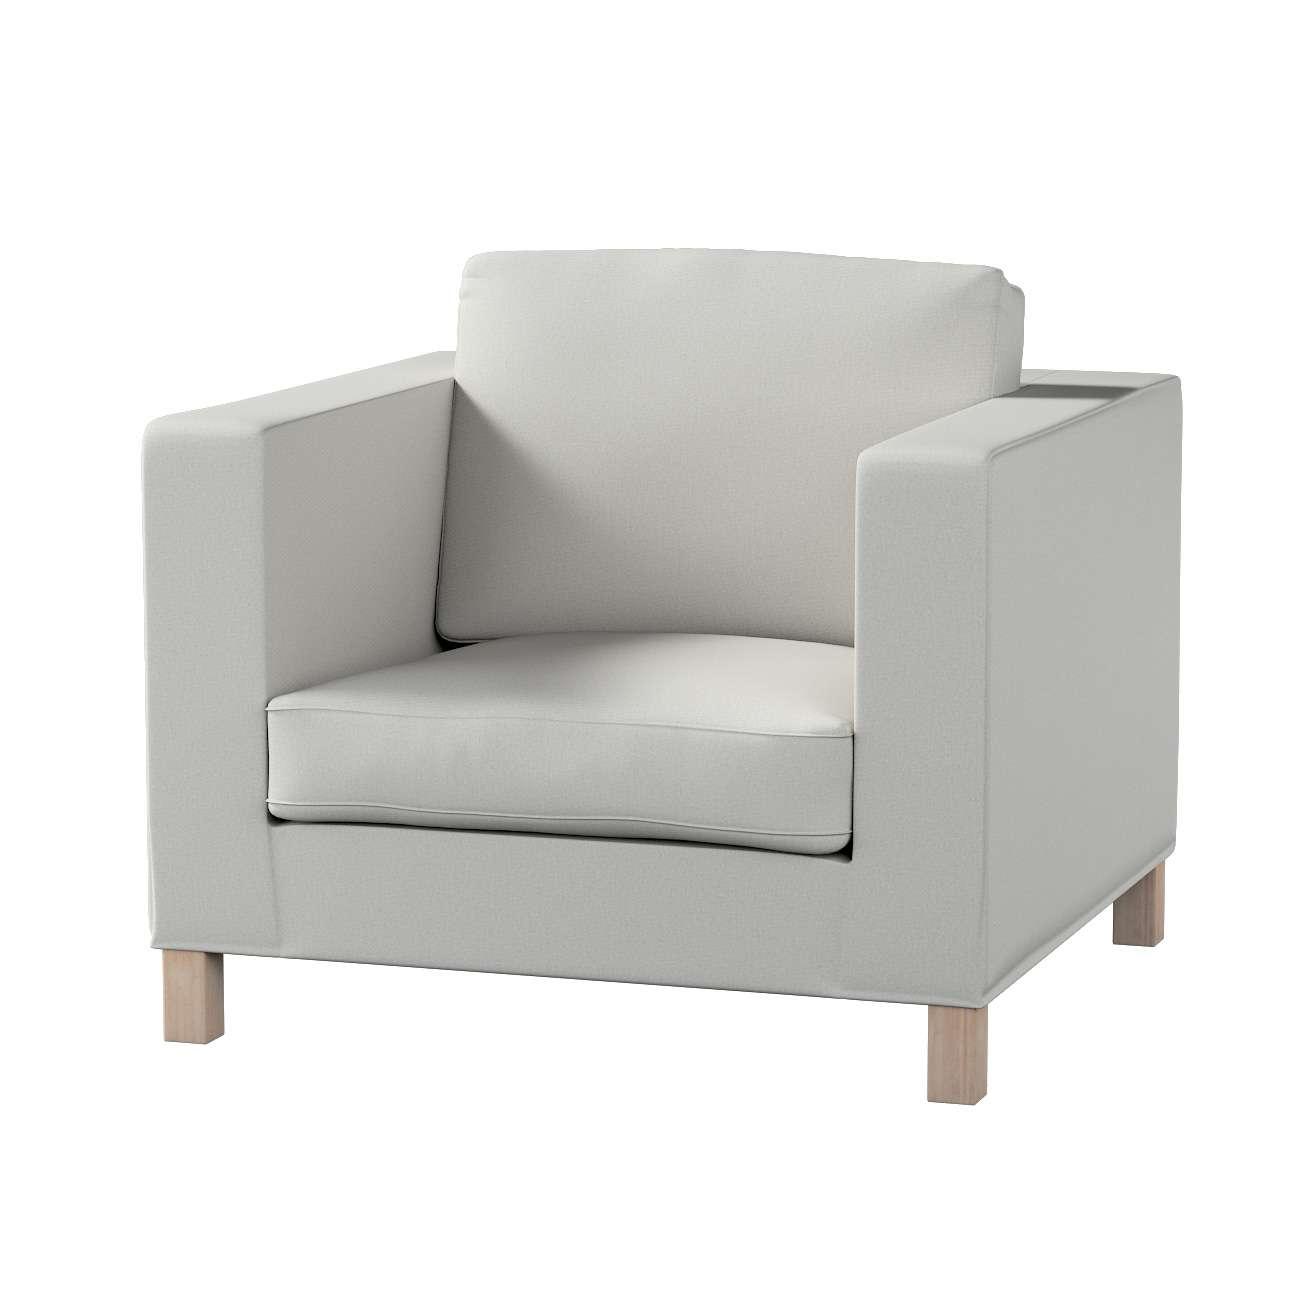 KARLANDA fotelio užvalkalas KARLANDA fotelio užvalkalas kolekcijoje Etna , audinys: 705-90